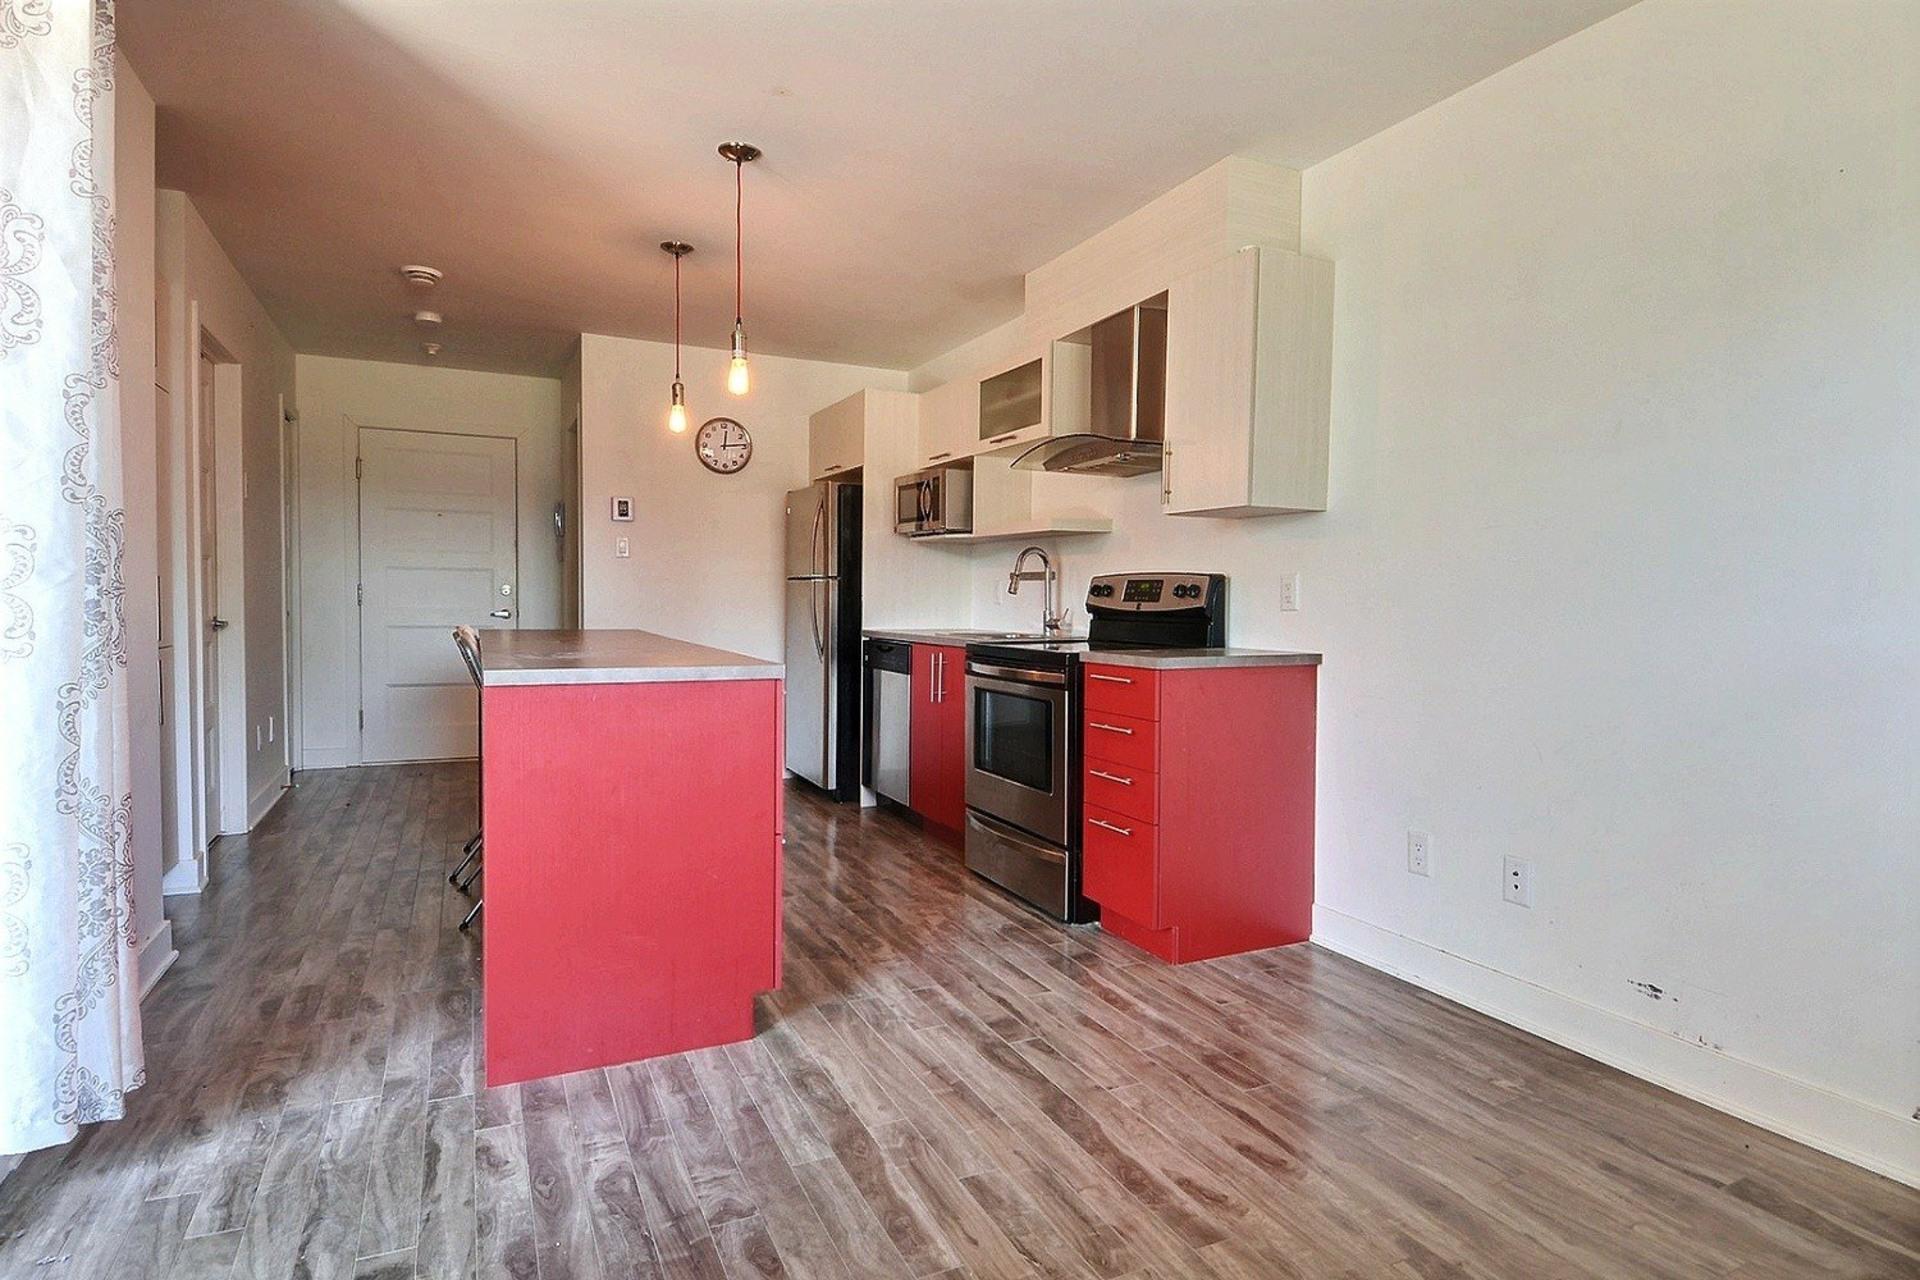 image 4 - Apartment For sale Sainte-Anne-des-Plaines - 4 rooms